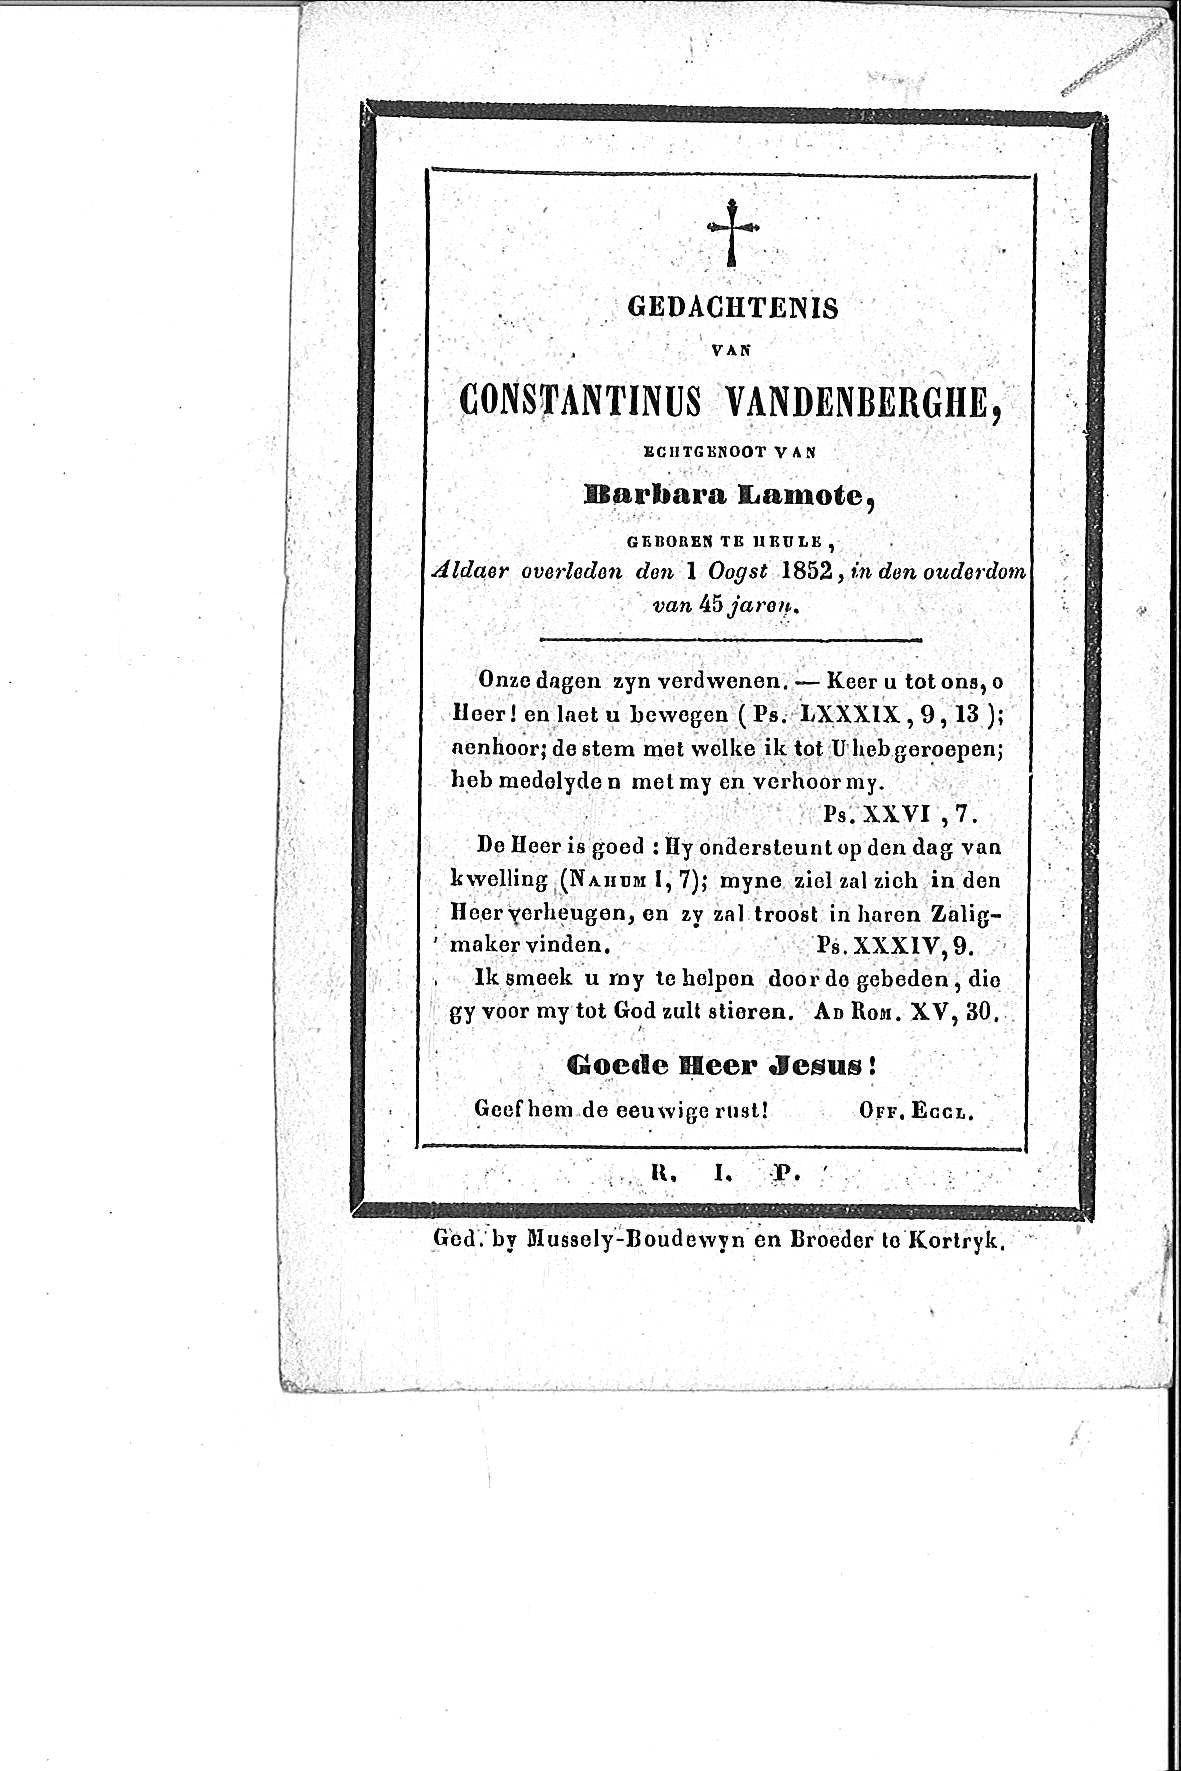 Constantinus(1852)20150803081045_00047.jpg